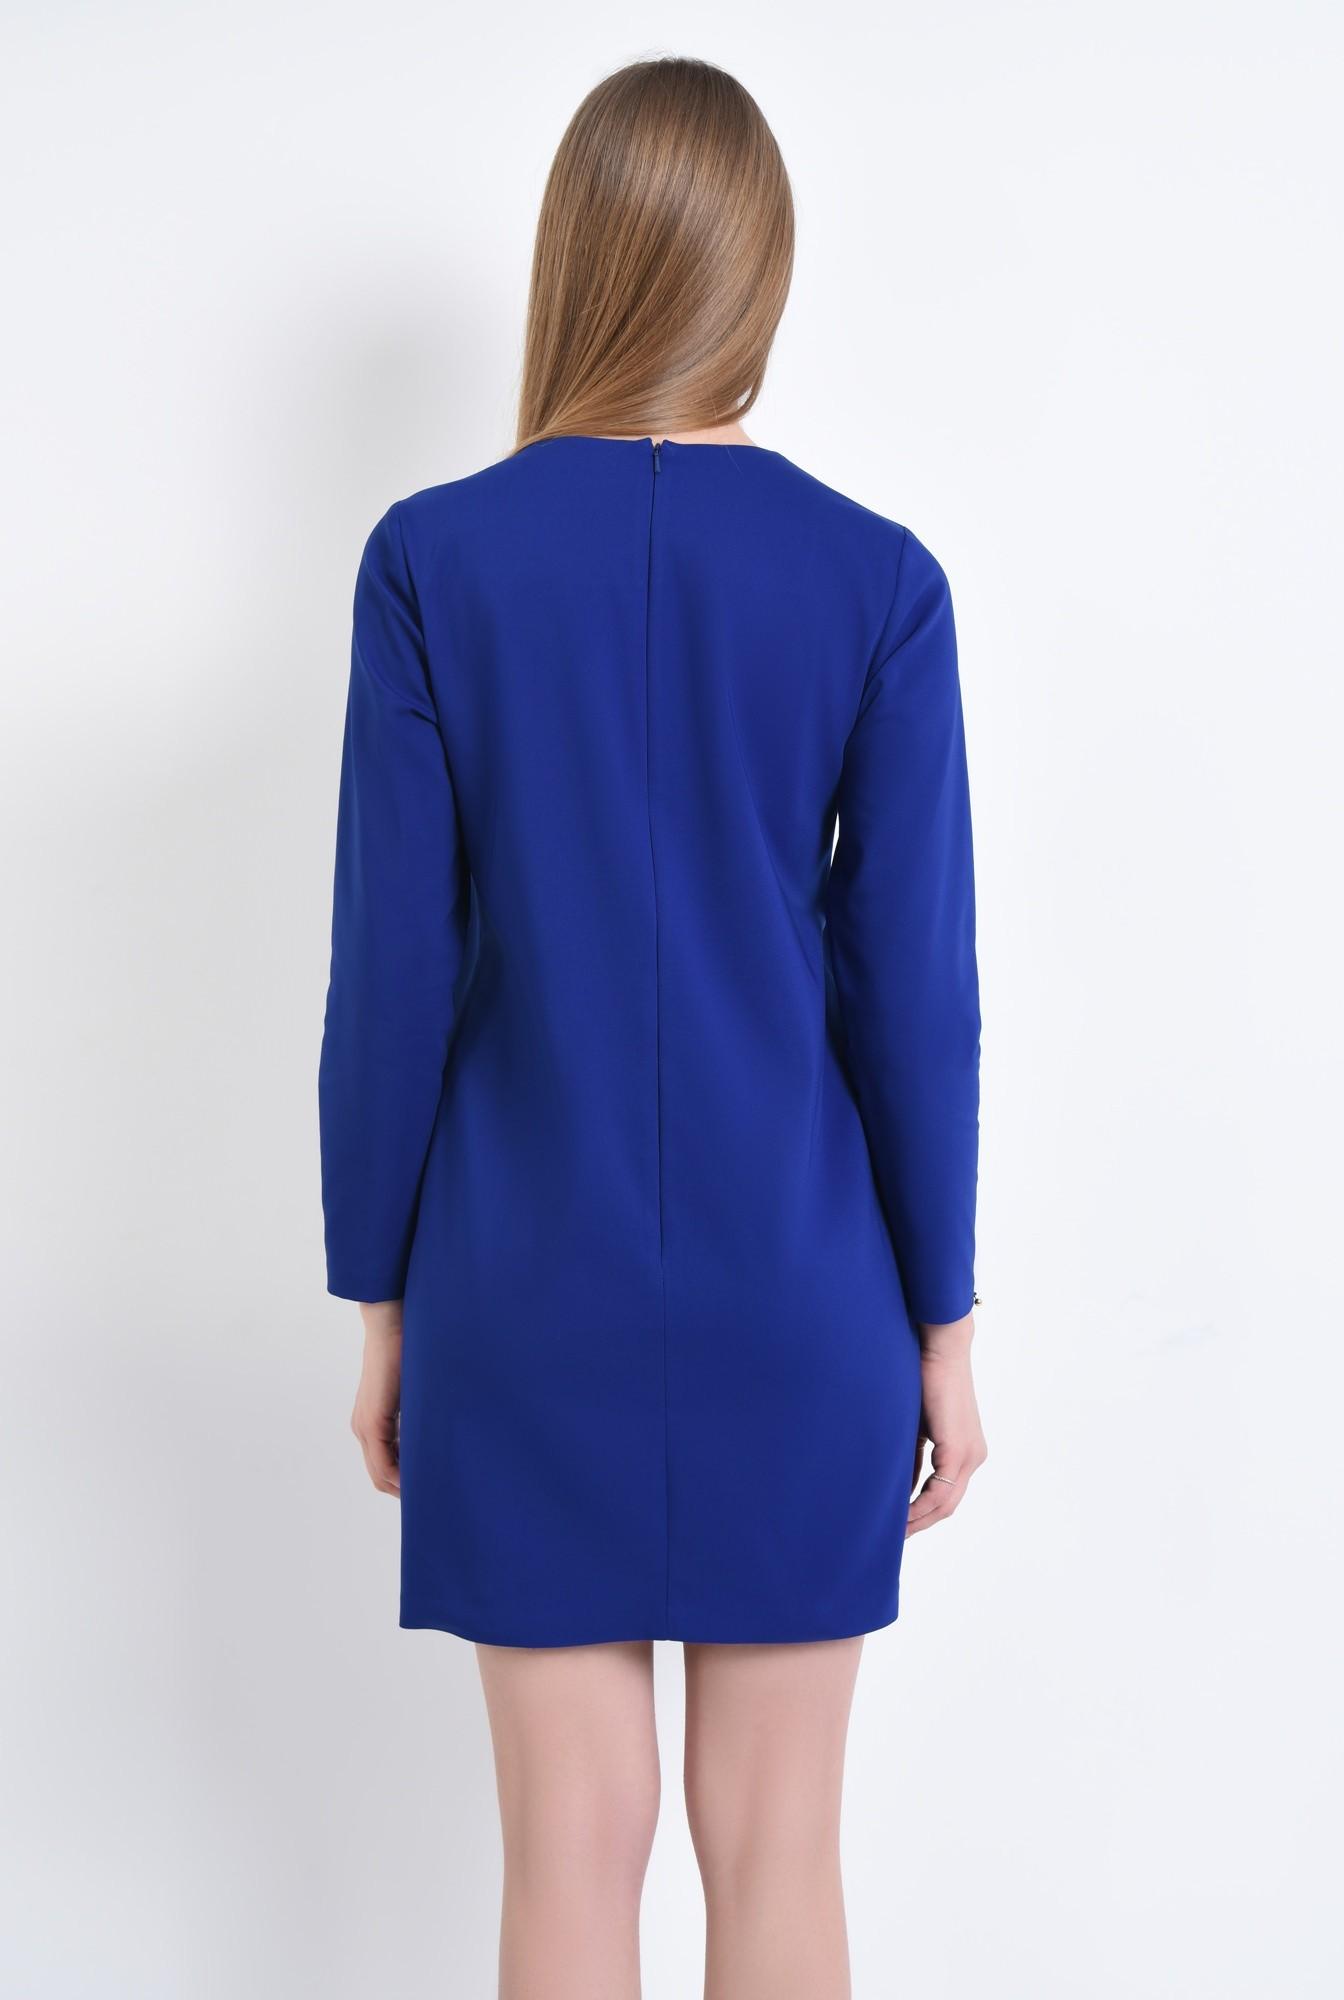 1 - rochie mini, albastru, maneci lungi, decolteu asimetric